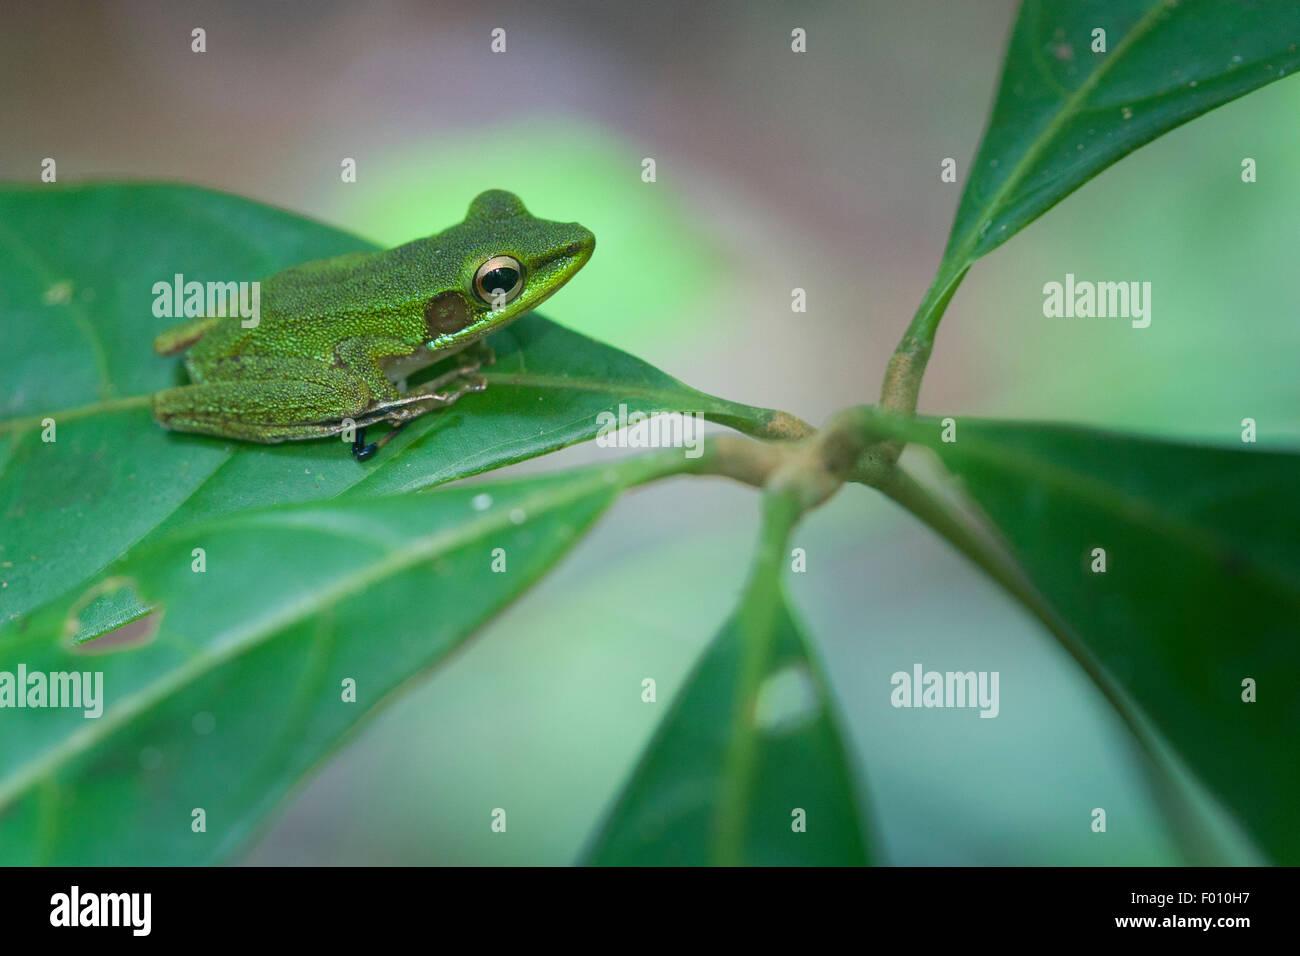 White-lipped frog (Hylarana raniceps) on a leaf. - Stock Image